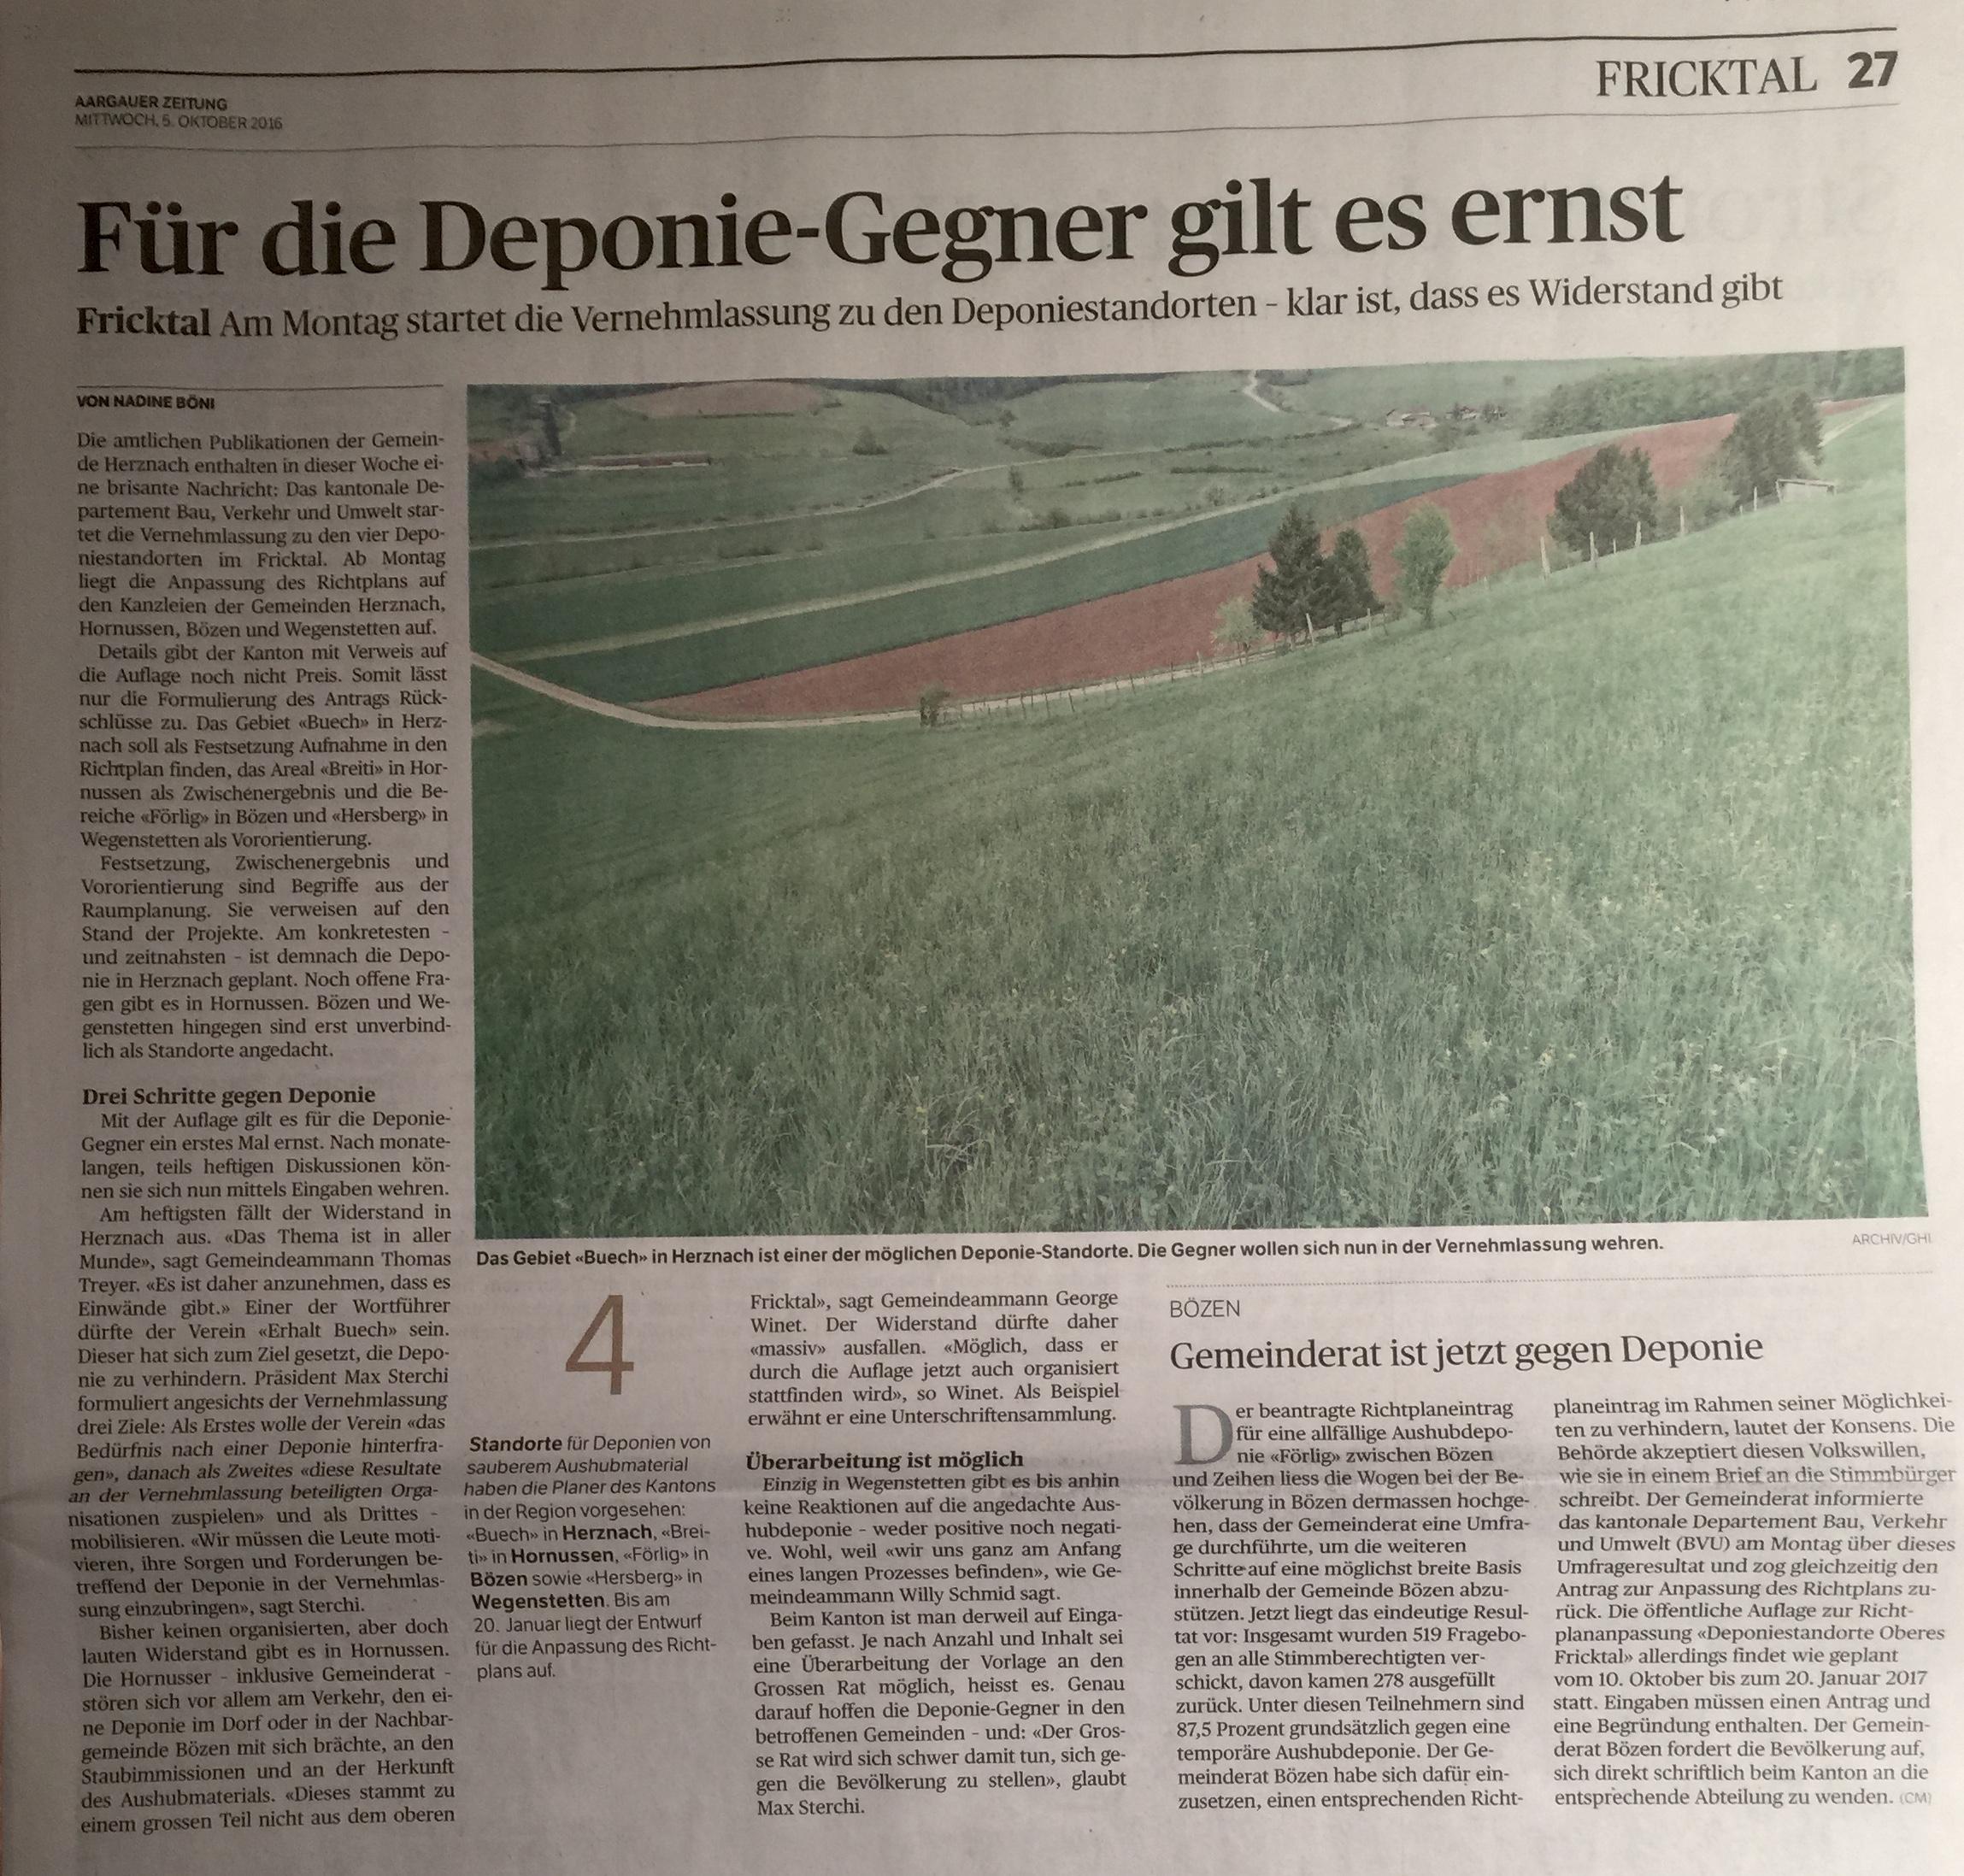 aargauer-zeitung-fuer-deponie-gegner-gilt-es-ernst